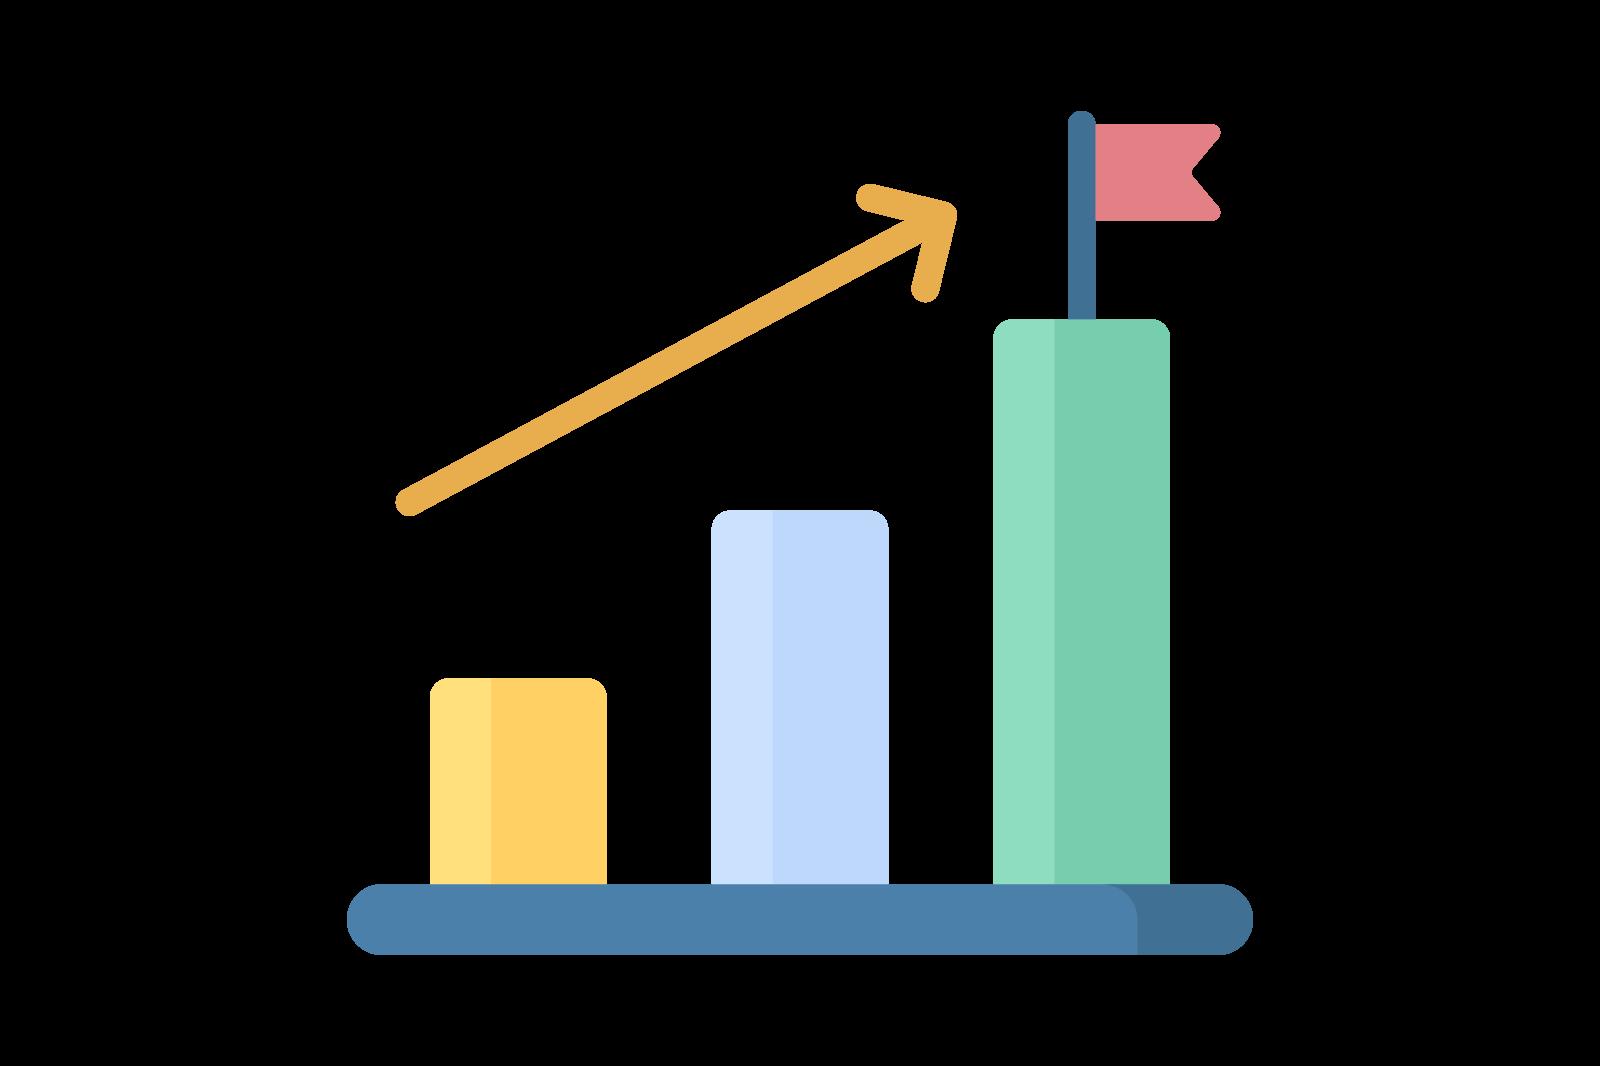 Quer conhecer melhor seus clientes e aumentar as vendas?